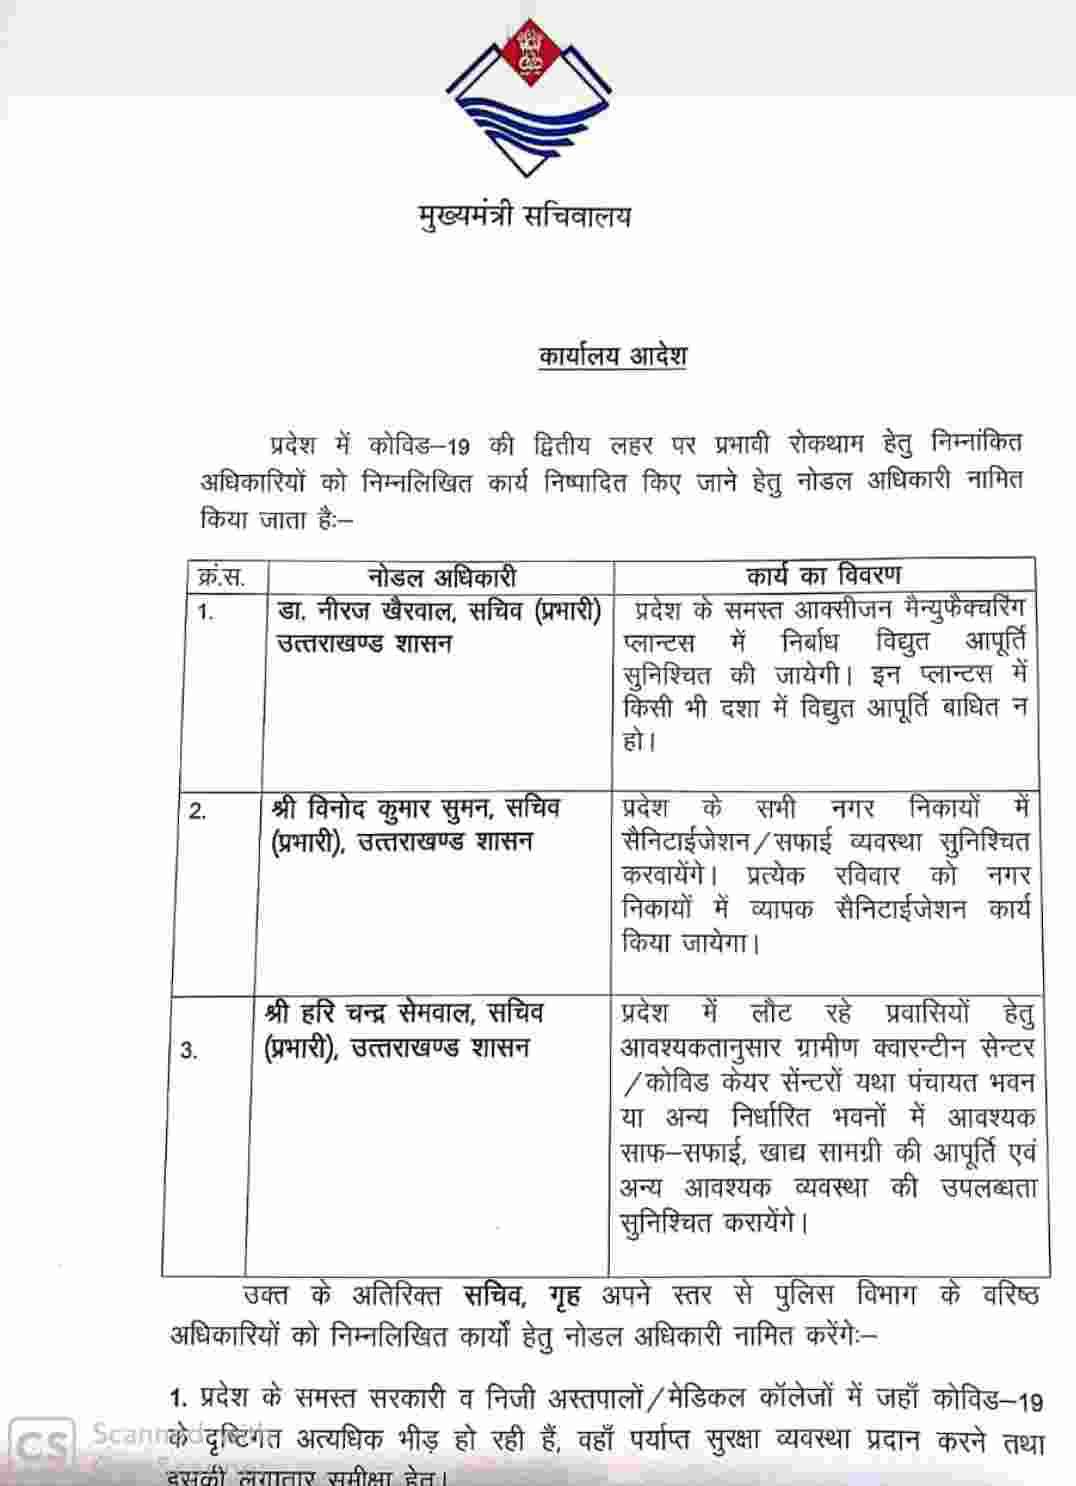 कोविड-19 की रोकथाम के लिए सरकार ने कुछ आईएएस अधिकारियों को किया नोडल अधिकारी नामित, दी यह अहम ज़िम्मेदारी 2